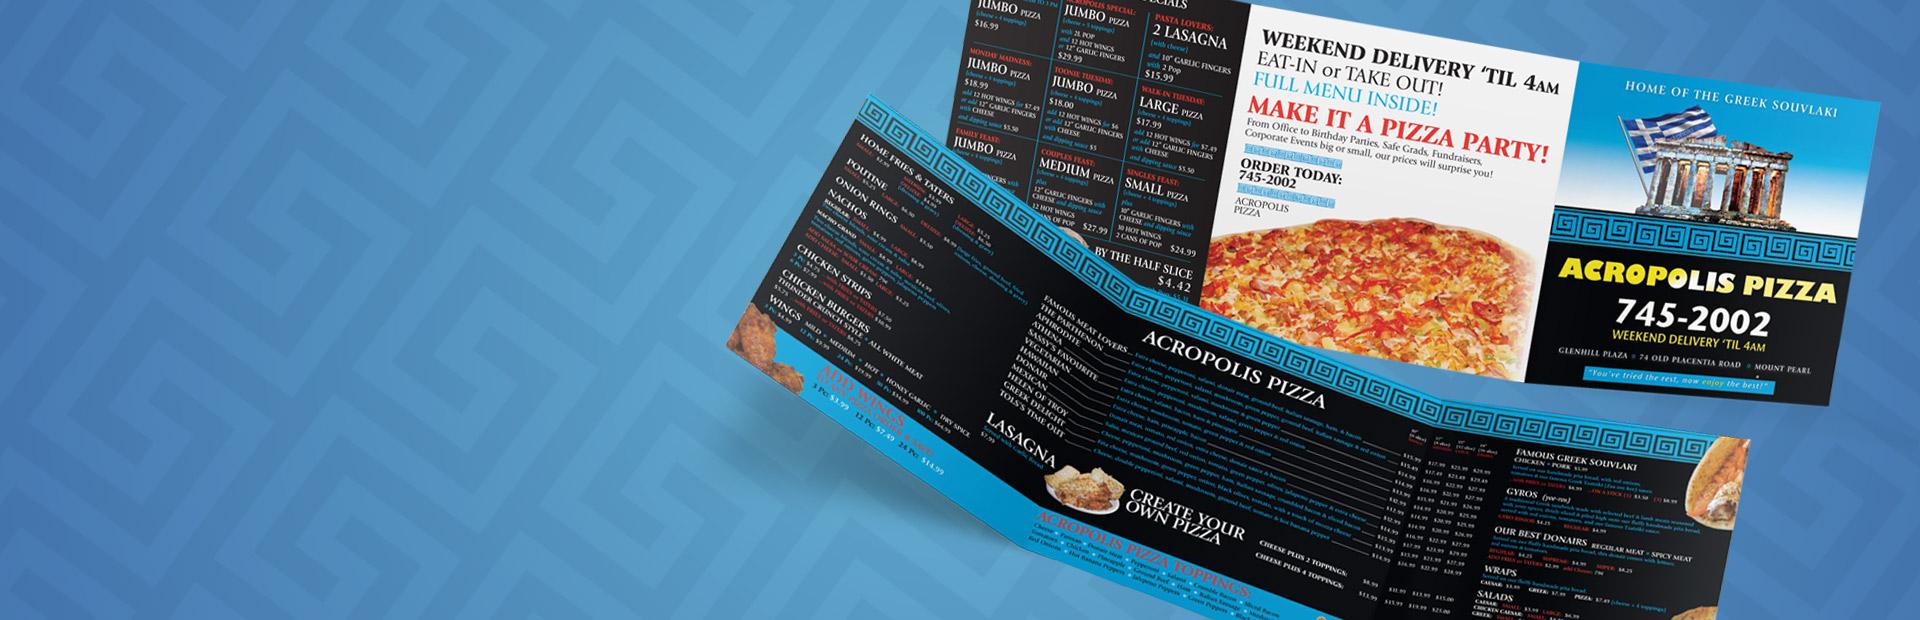 Menu for Acropolis Pizza